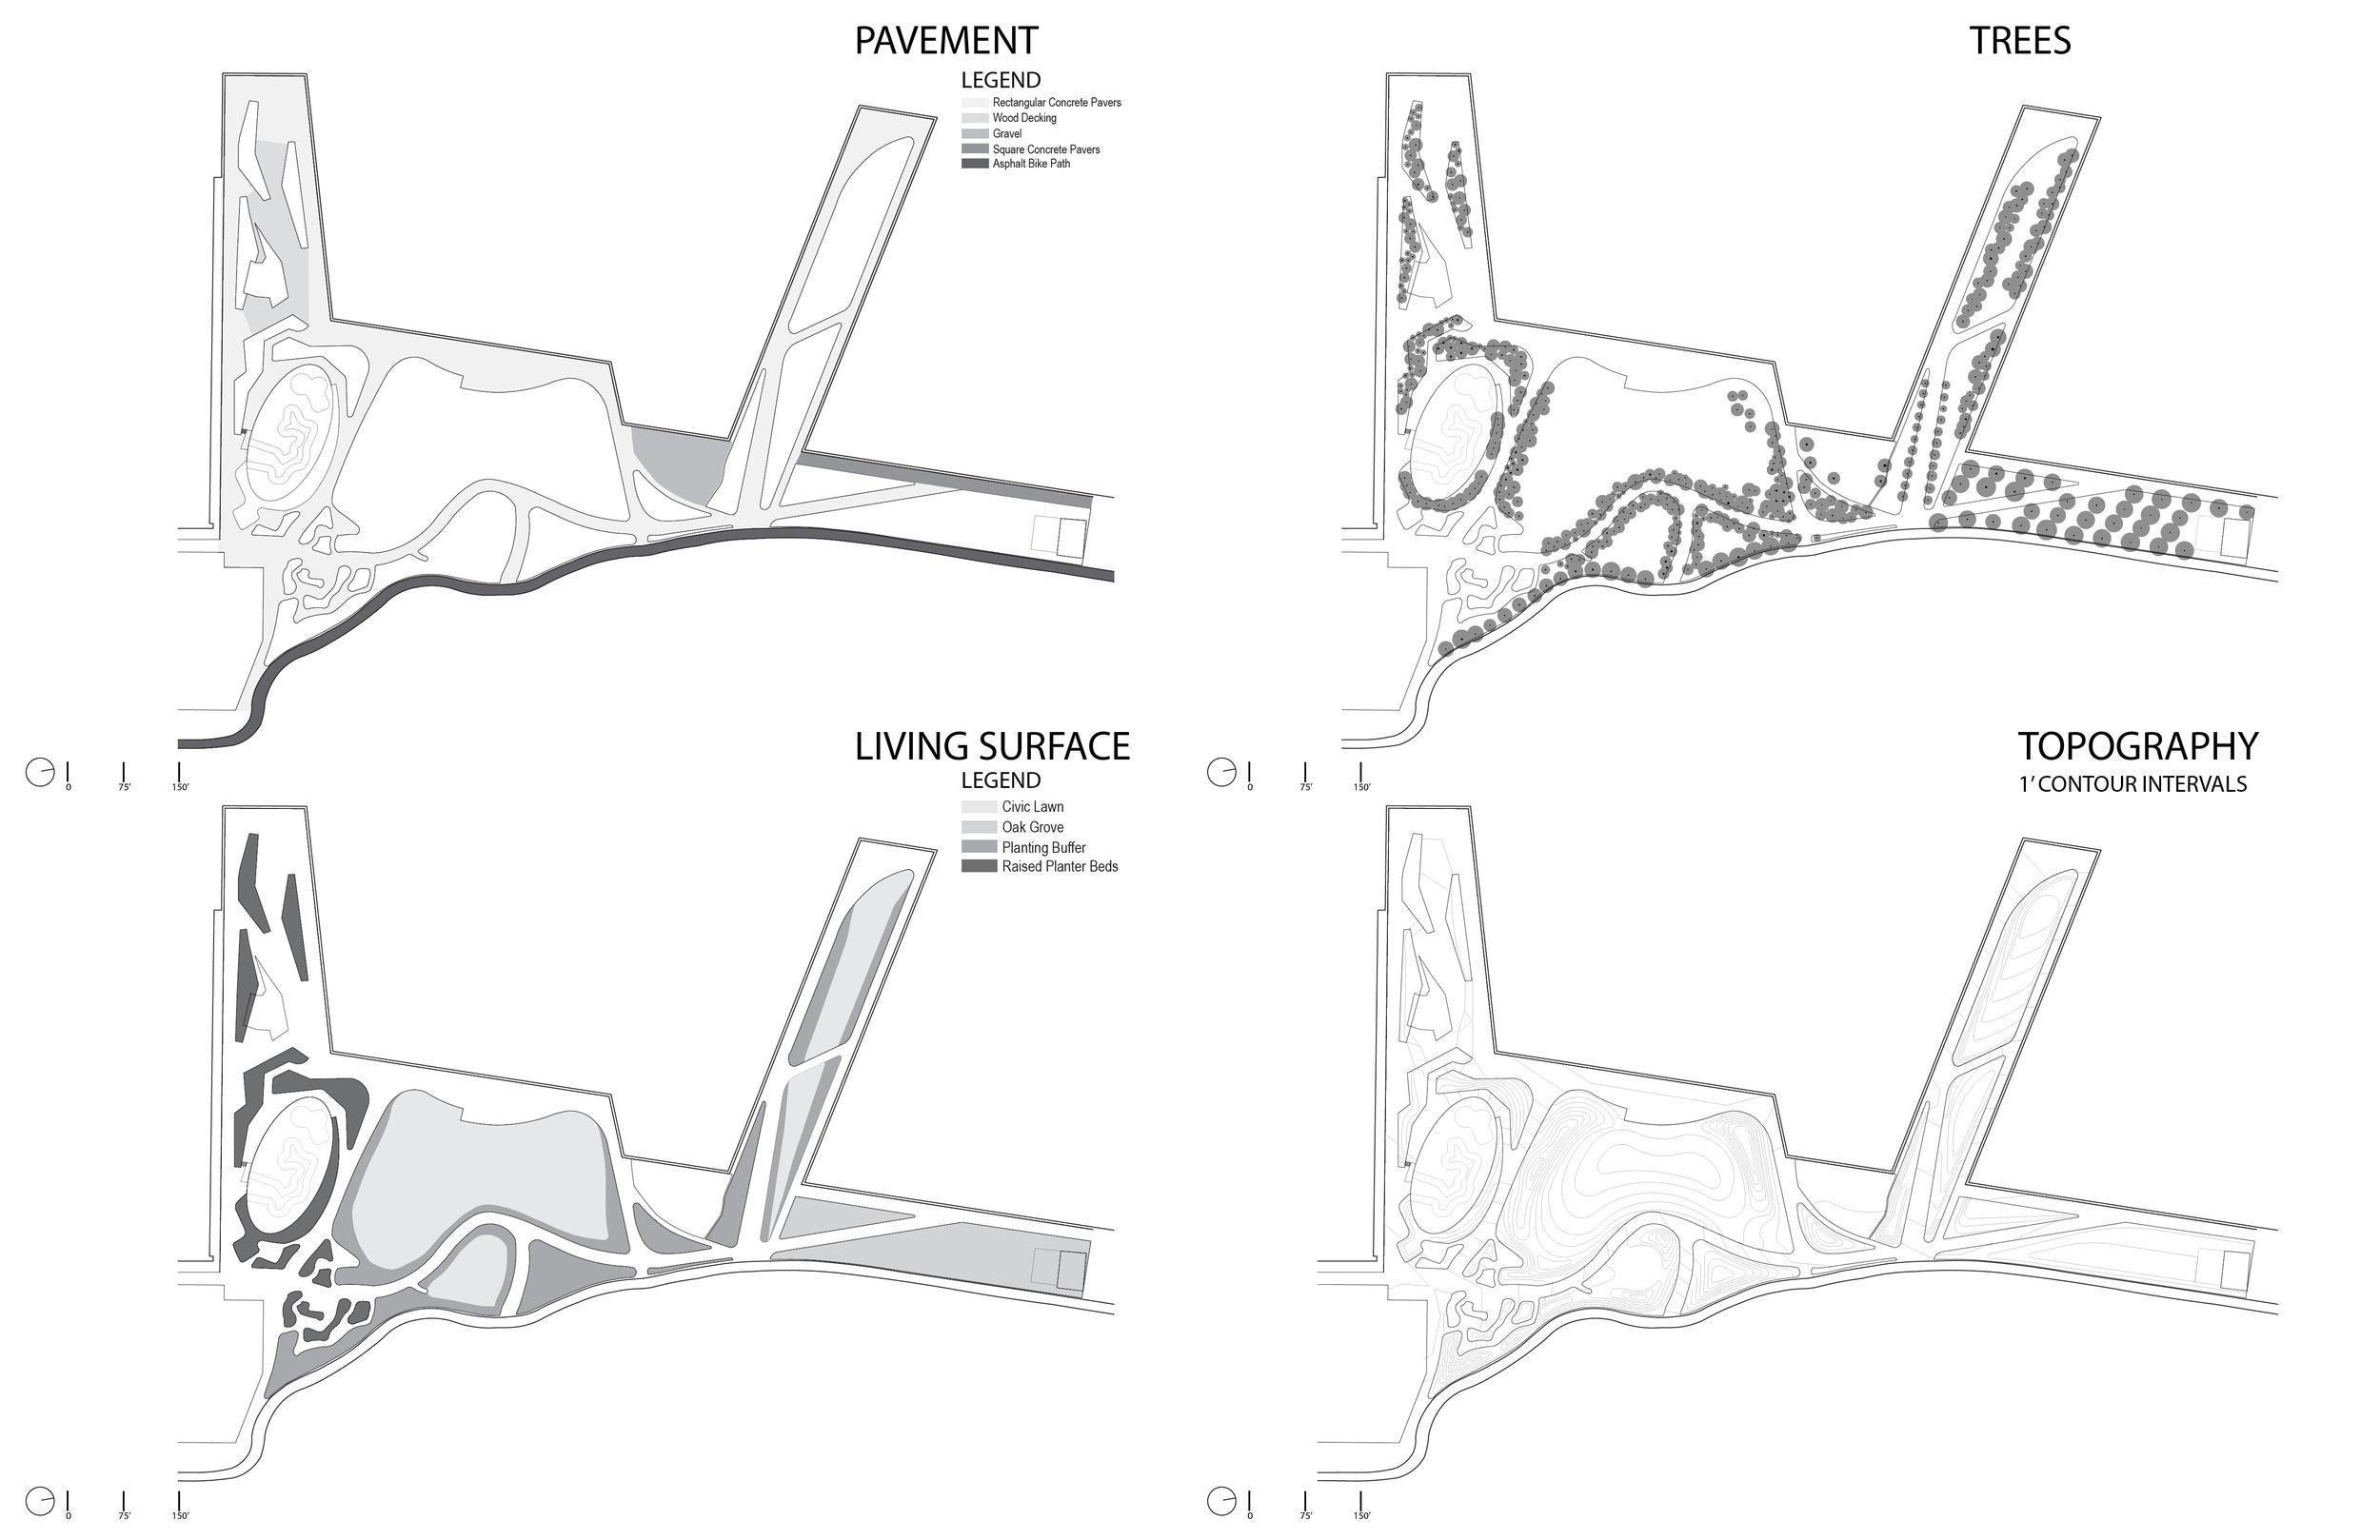 DIAGRAMS OF PARK ELEMENTS